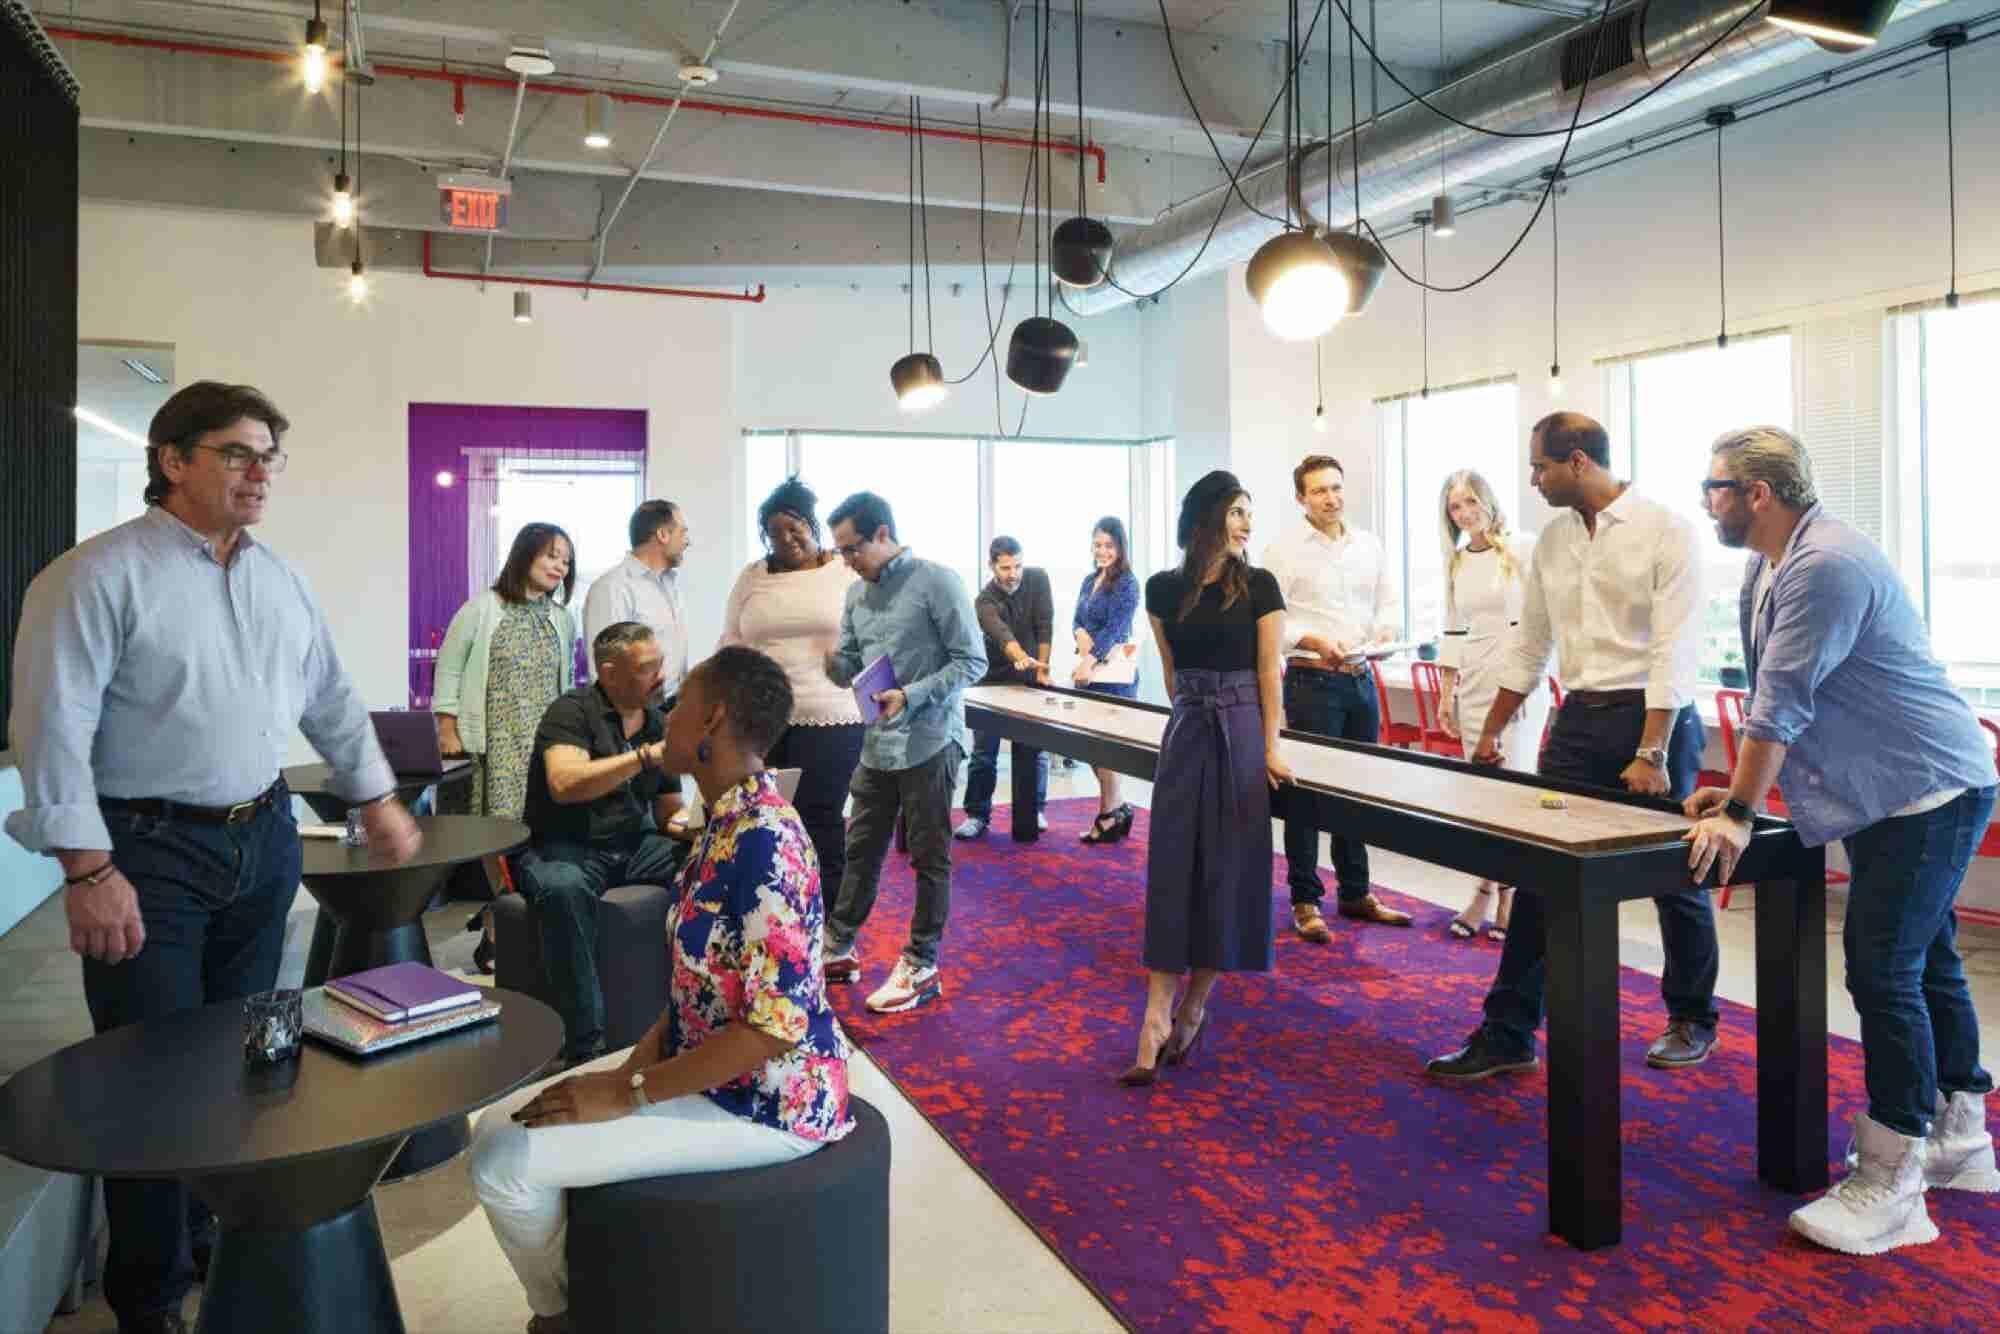 Inside Richard Branson's New Cruise-Line Startup